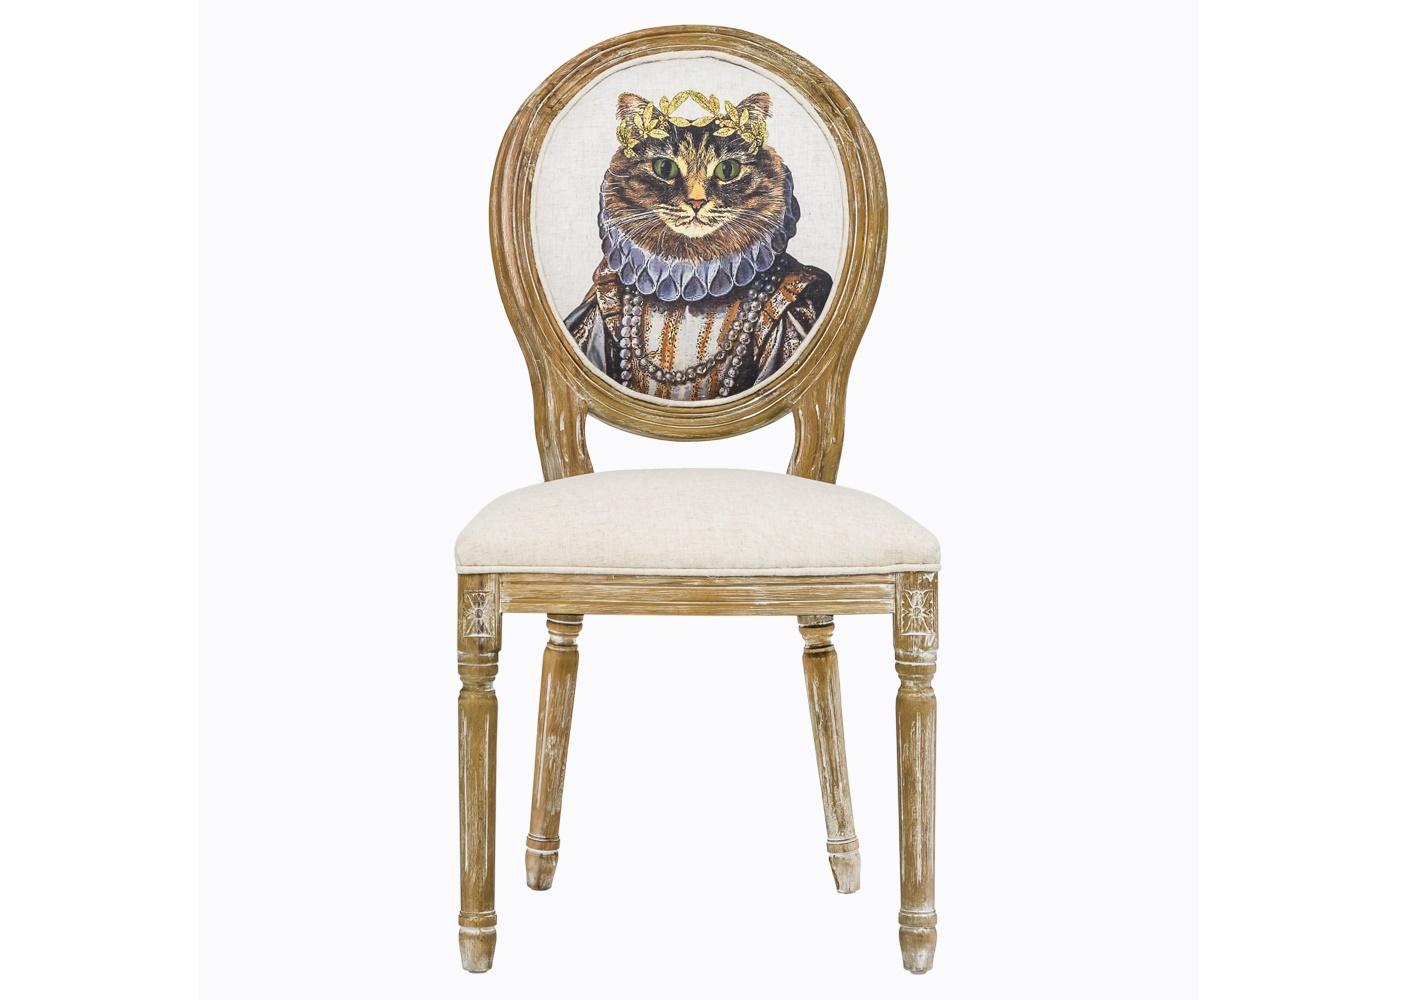 Стул «Мисс Кошка Лайт»Обеденные стулья<br>Винтажный стул в остромодном стиле шебби-шик – свежий взгляд на «ретро». Он превосходно впишется в интерьер в духе Прованса, оживит комнату в стиле модерн, да и классическим «английским» апартаментам нотку радости придаст. Качественная натуральная древесина, из которой выточен каркас, искусственно состарена, выбелена. А округлую спинку украшает не какой-нибудь стандартный велюр, а портрет знатной дамы. Правда, с ушками торчком и усами, но тем веселее! Вес стула составляет 7 кг.<br><br>Material: Текстиль<br>Length см: 50<br>Width см: 57<br>Height см: 98